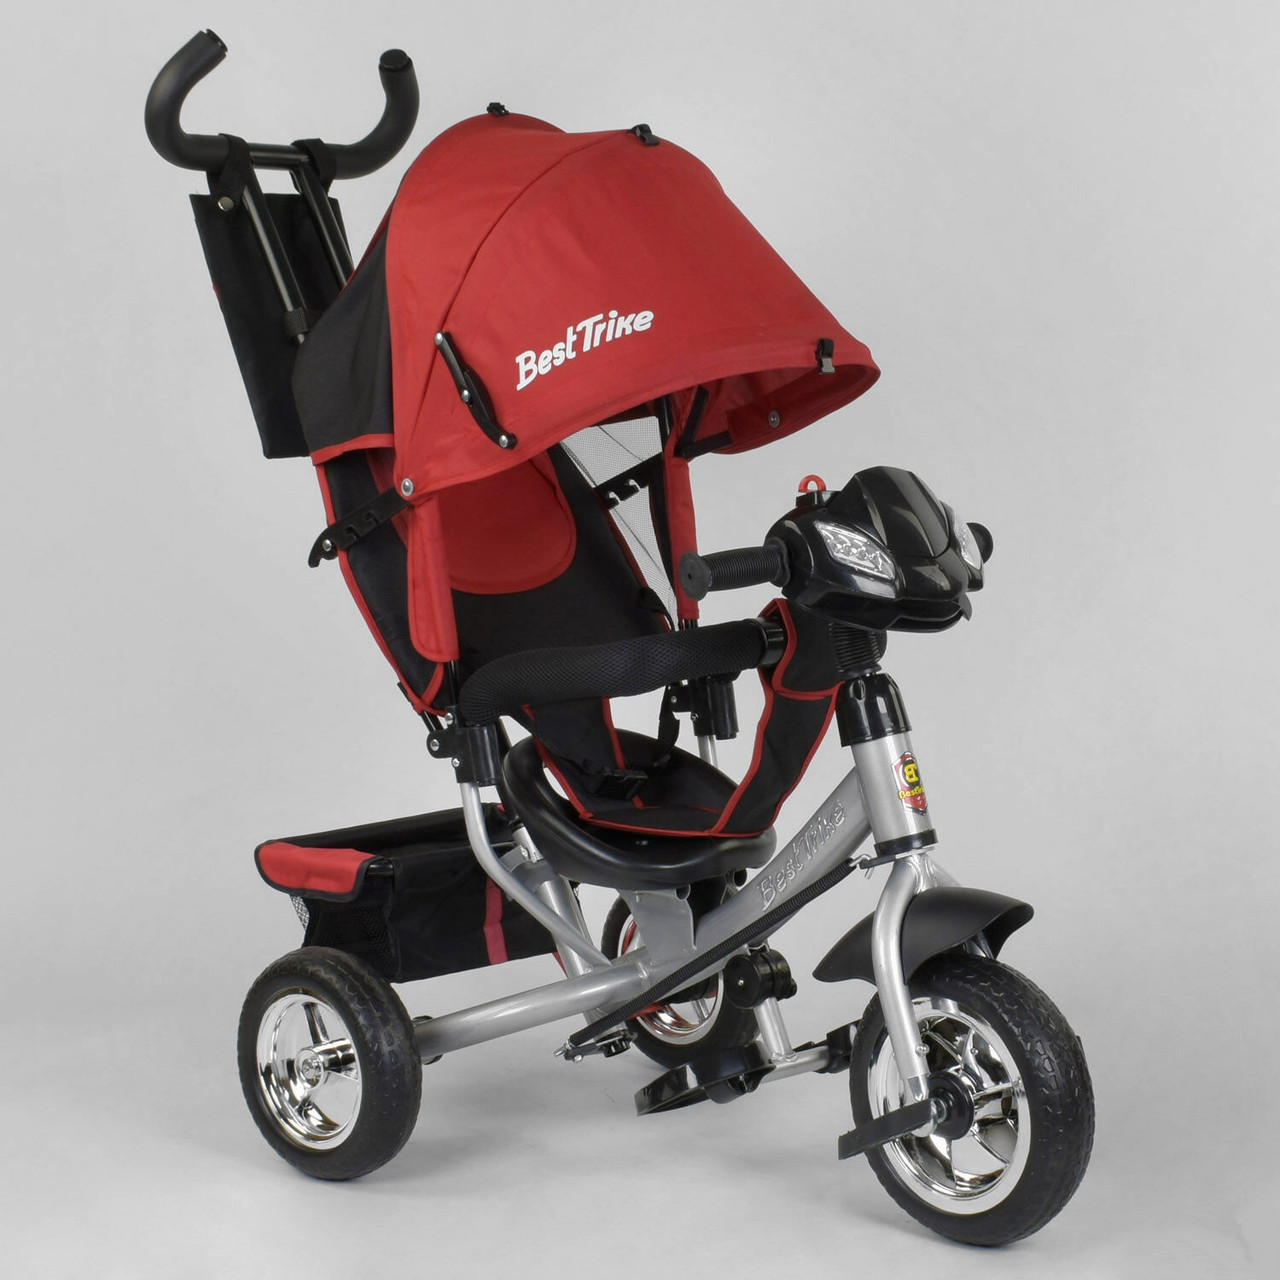 Детский 3-х колёсный велосипед с фарой Best Trike 6588 - 24-545 Красный (колеса пена)